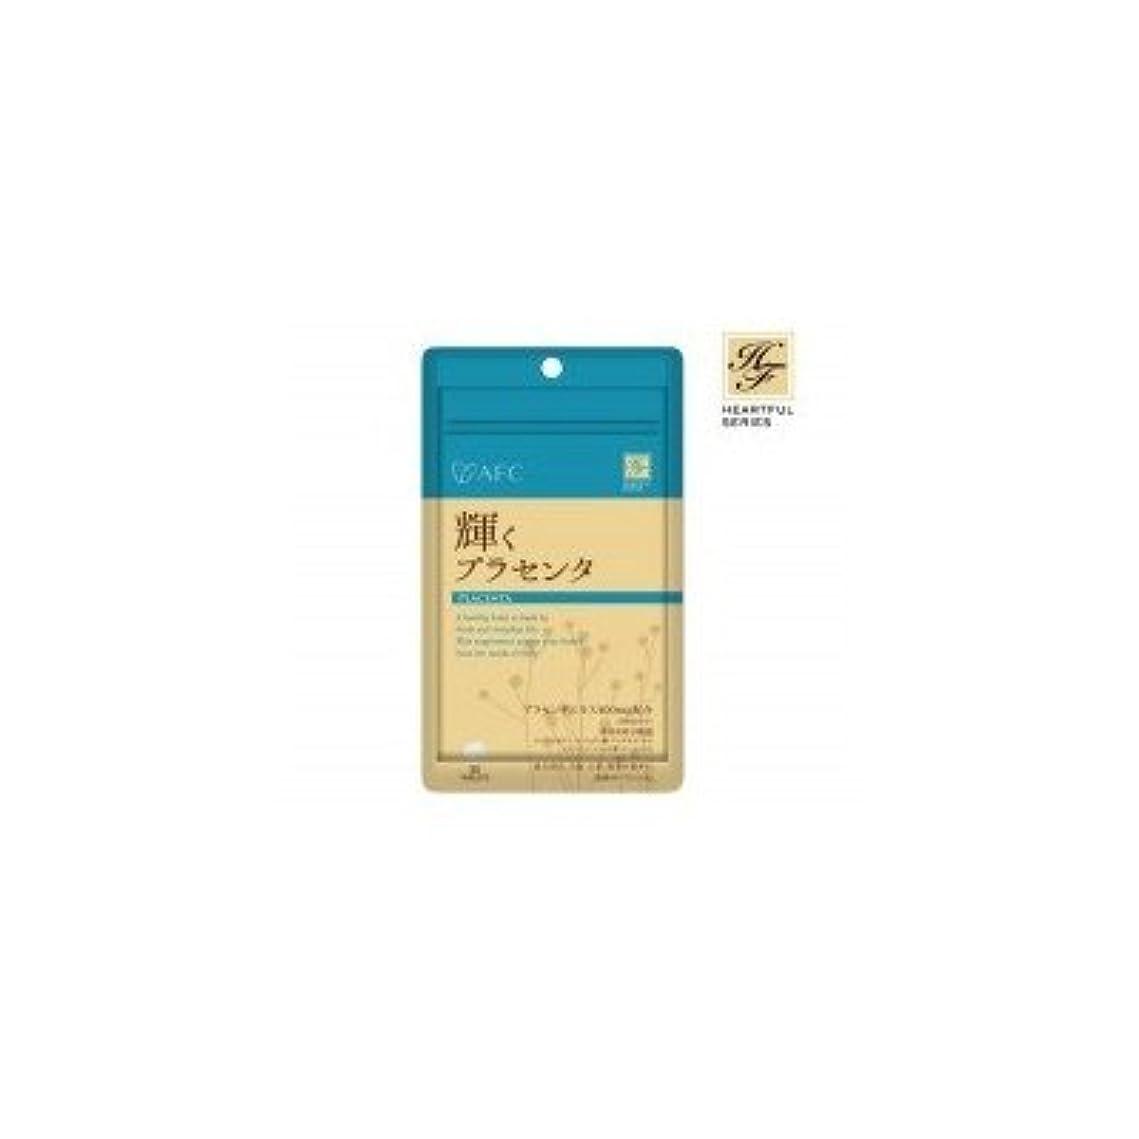 薬金銭的ステッチAFC(エーエフシー) ハートフルシリーズサプリ 輝くプラセンタ HFS02×6袋 こころが溢れる健康習慣